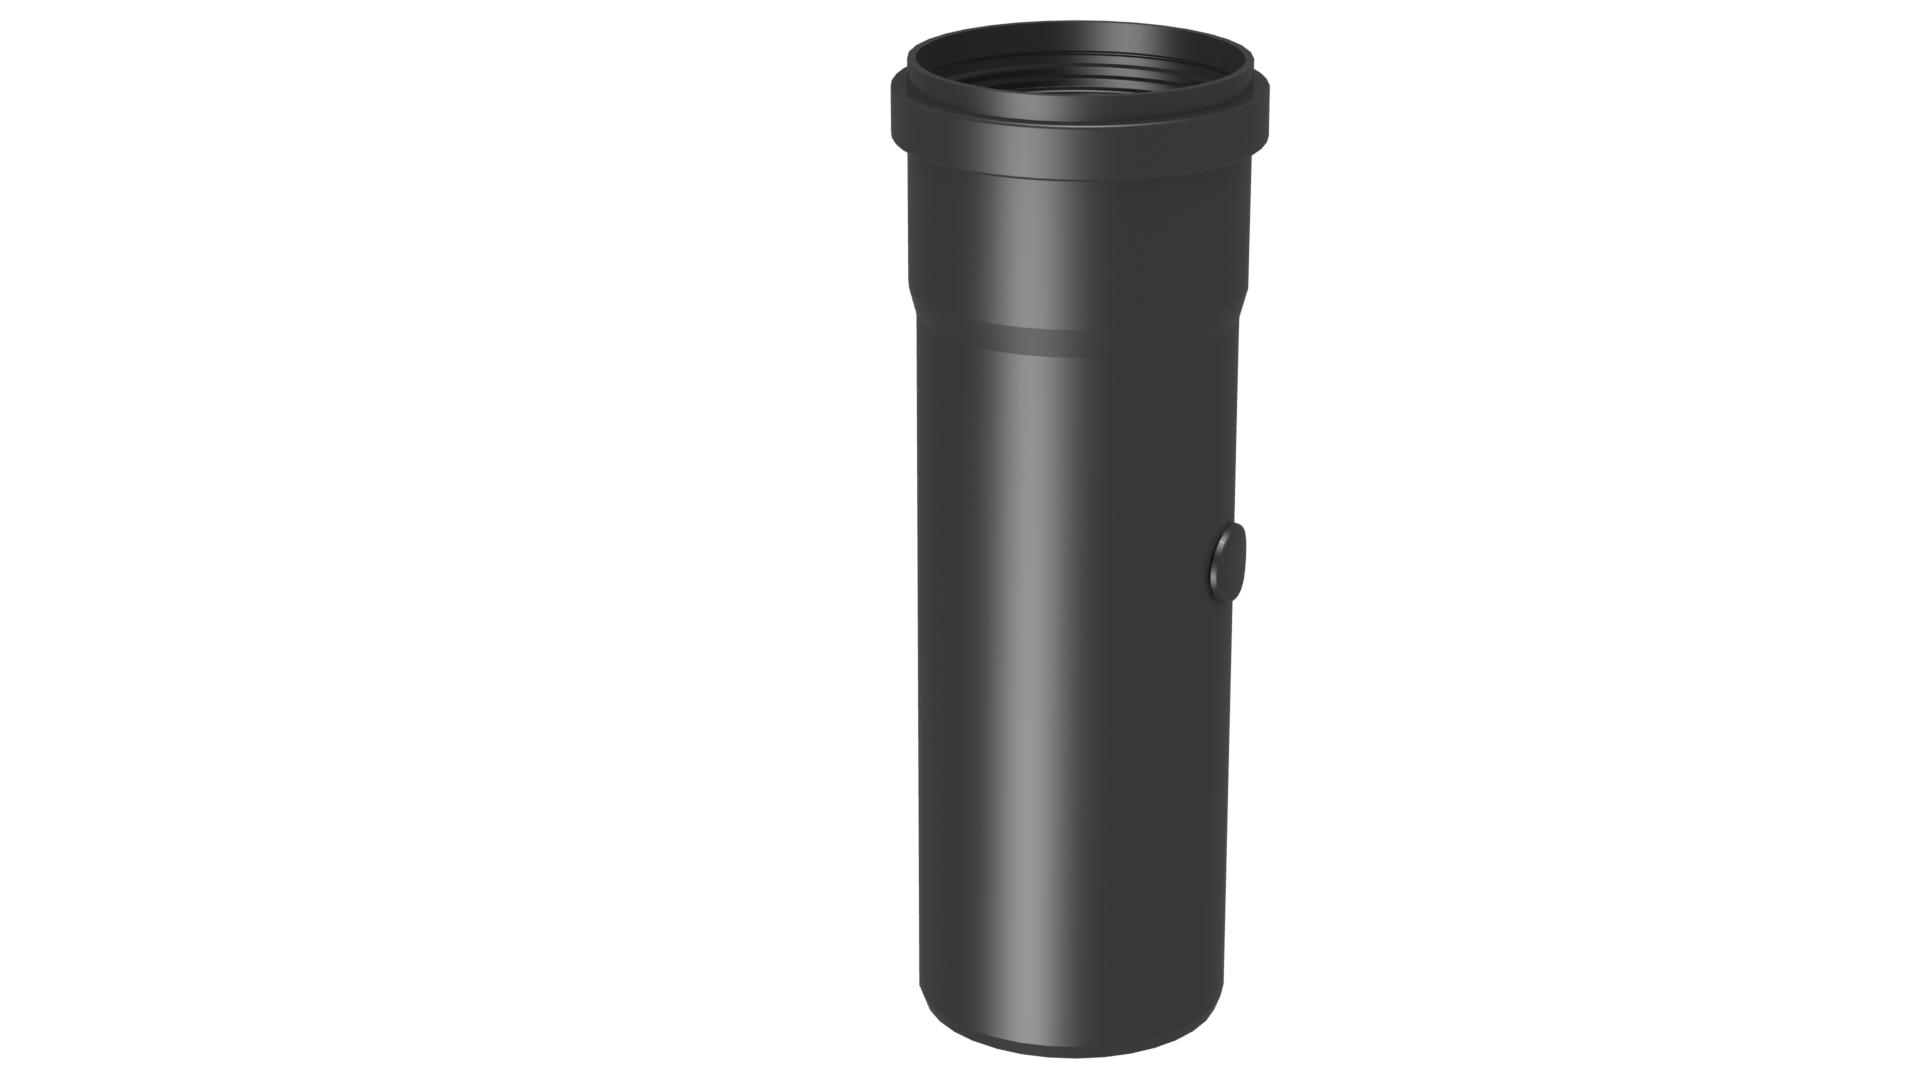 Messelement 250 mm - Kunststoff für Jeremias EW-PPS